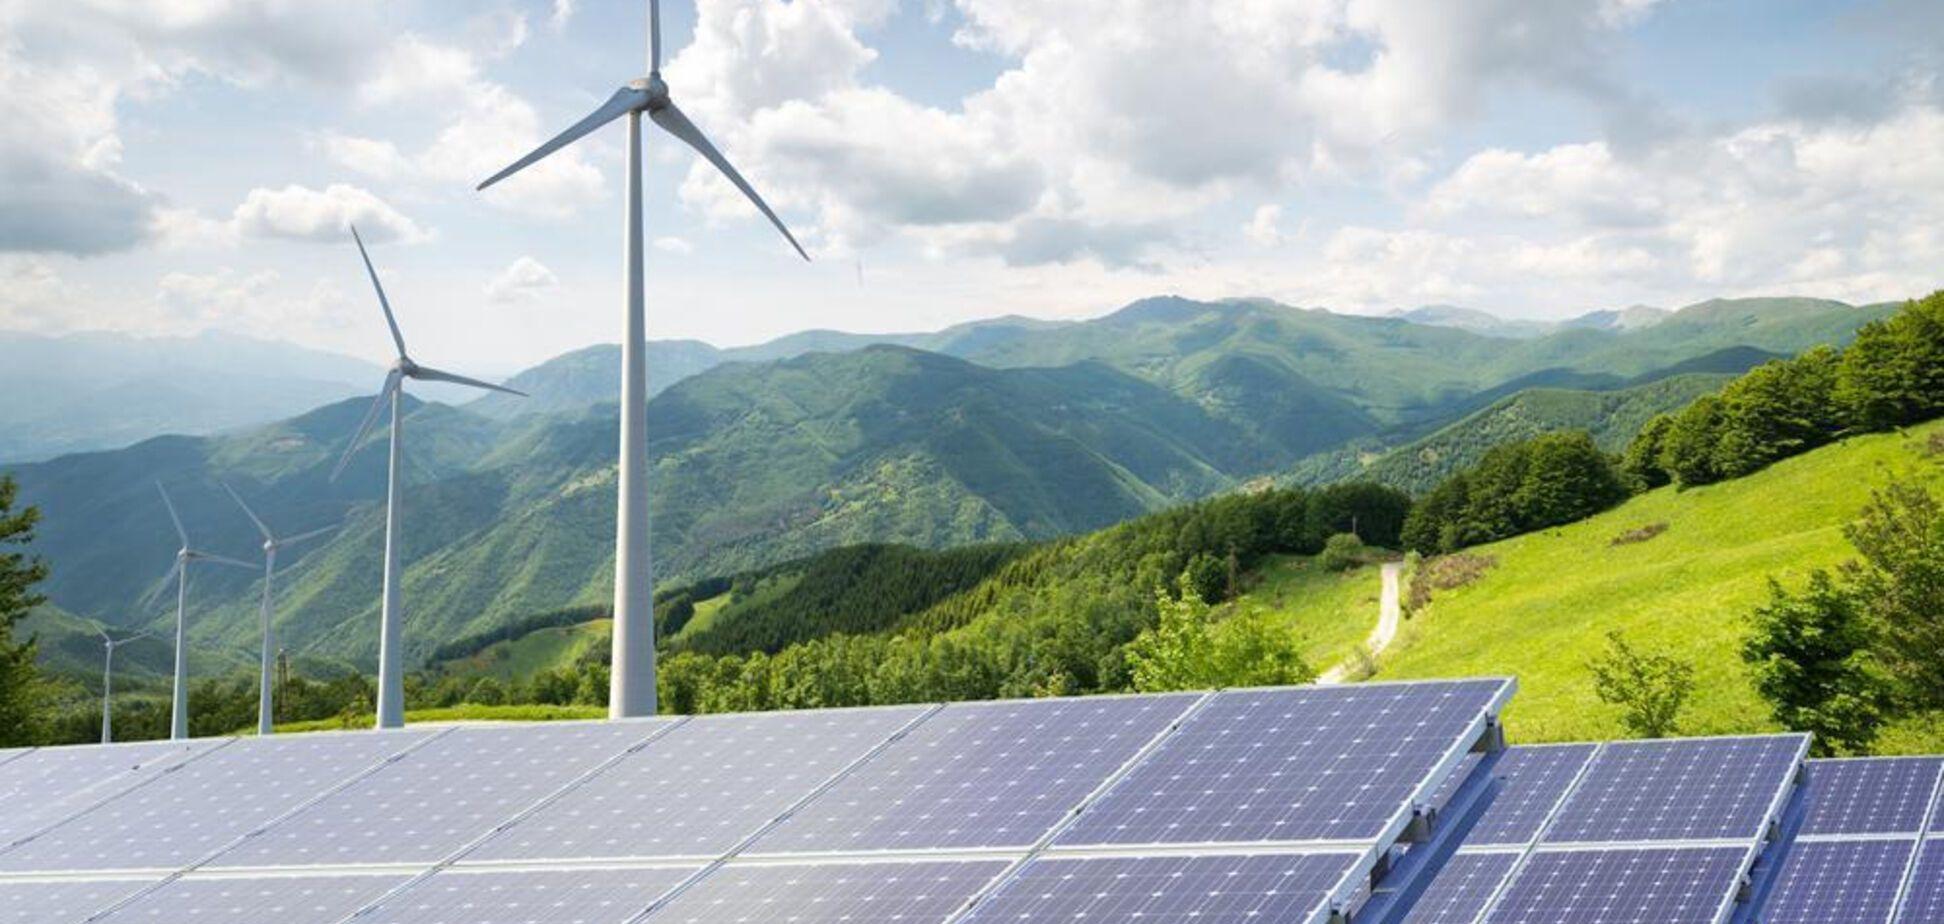 Кабмин должен выделить деньги на 'зеленую' энергетику в бюджете-2021, – инвестор